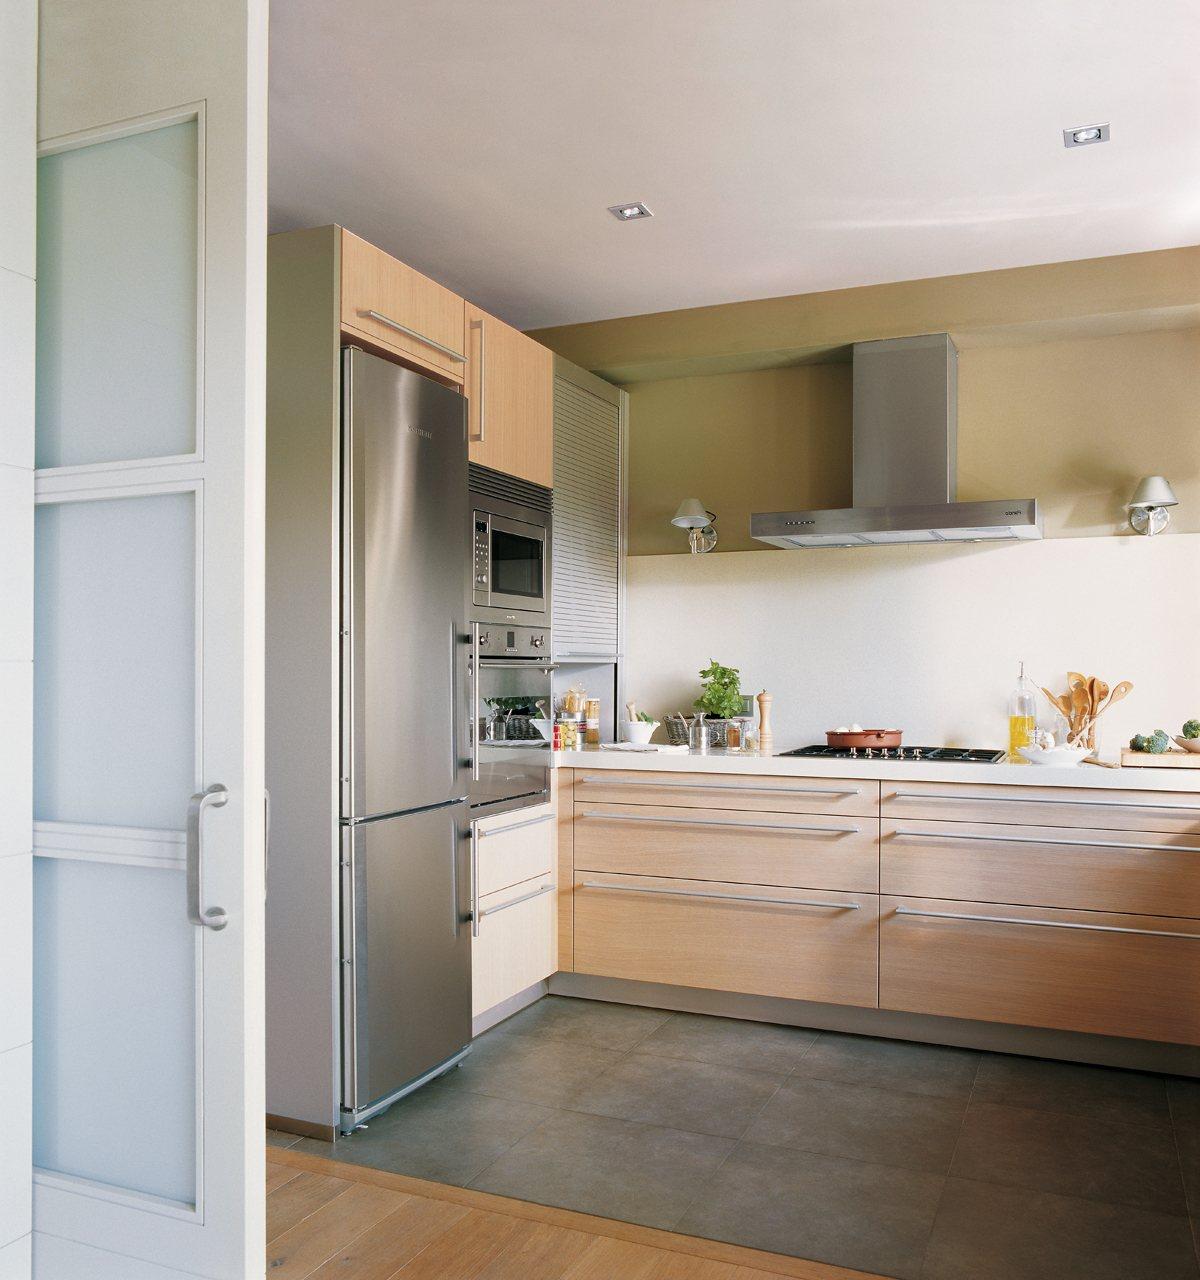 Ideas para cocinas peque as - Cocinas pequenas alargadas ...